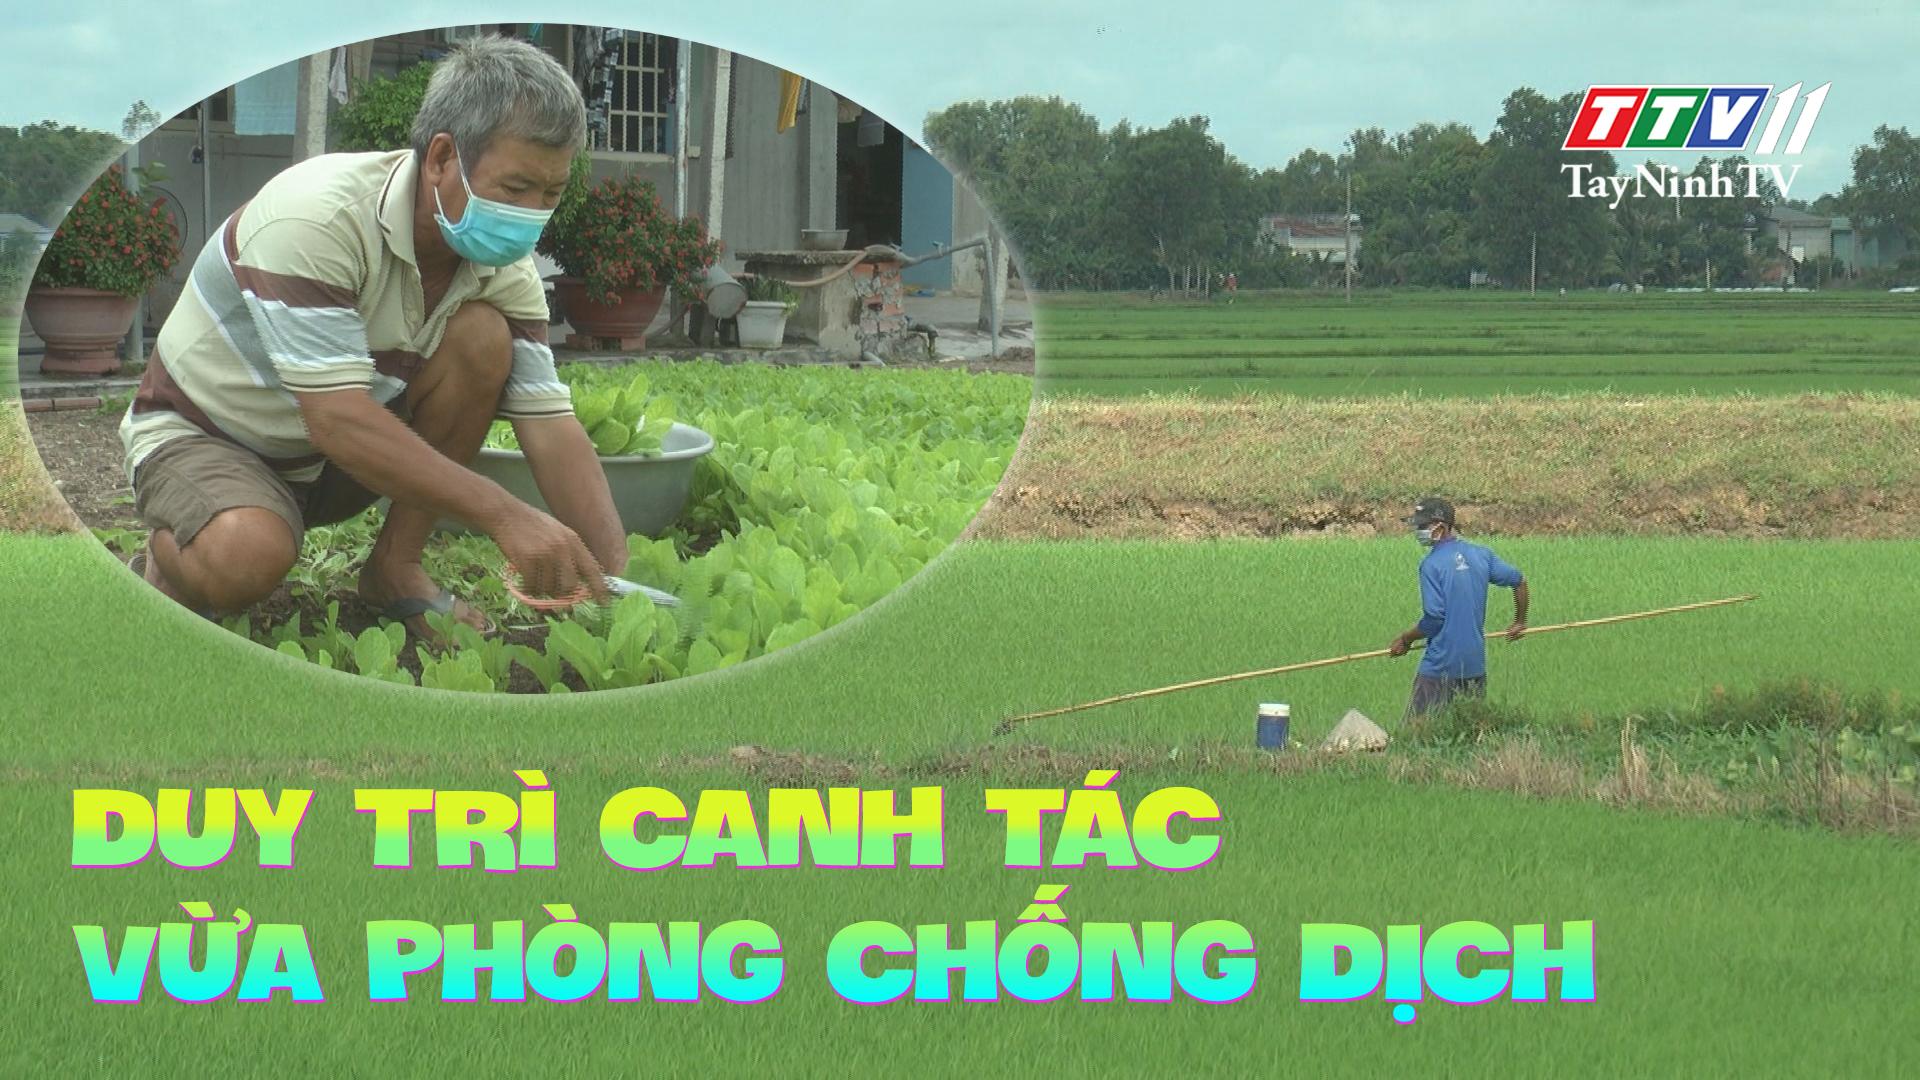 Duy trì canh tác trong giai đoạn phòng chống dịch | NÔNG NGHIỆP TÂY NINH | TayNinhTV